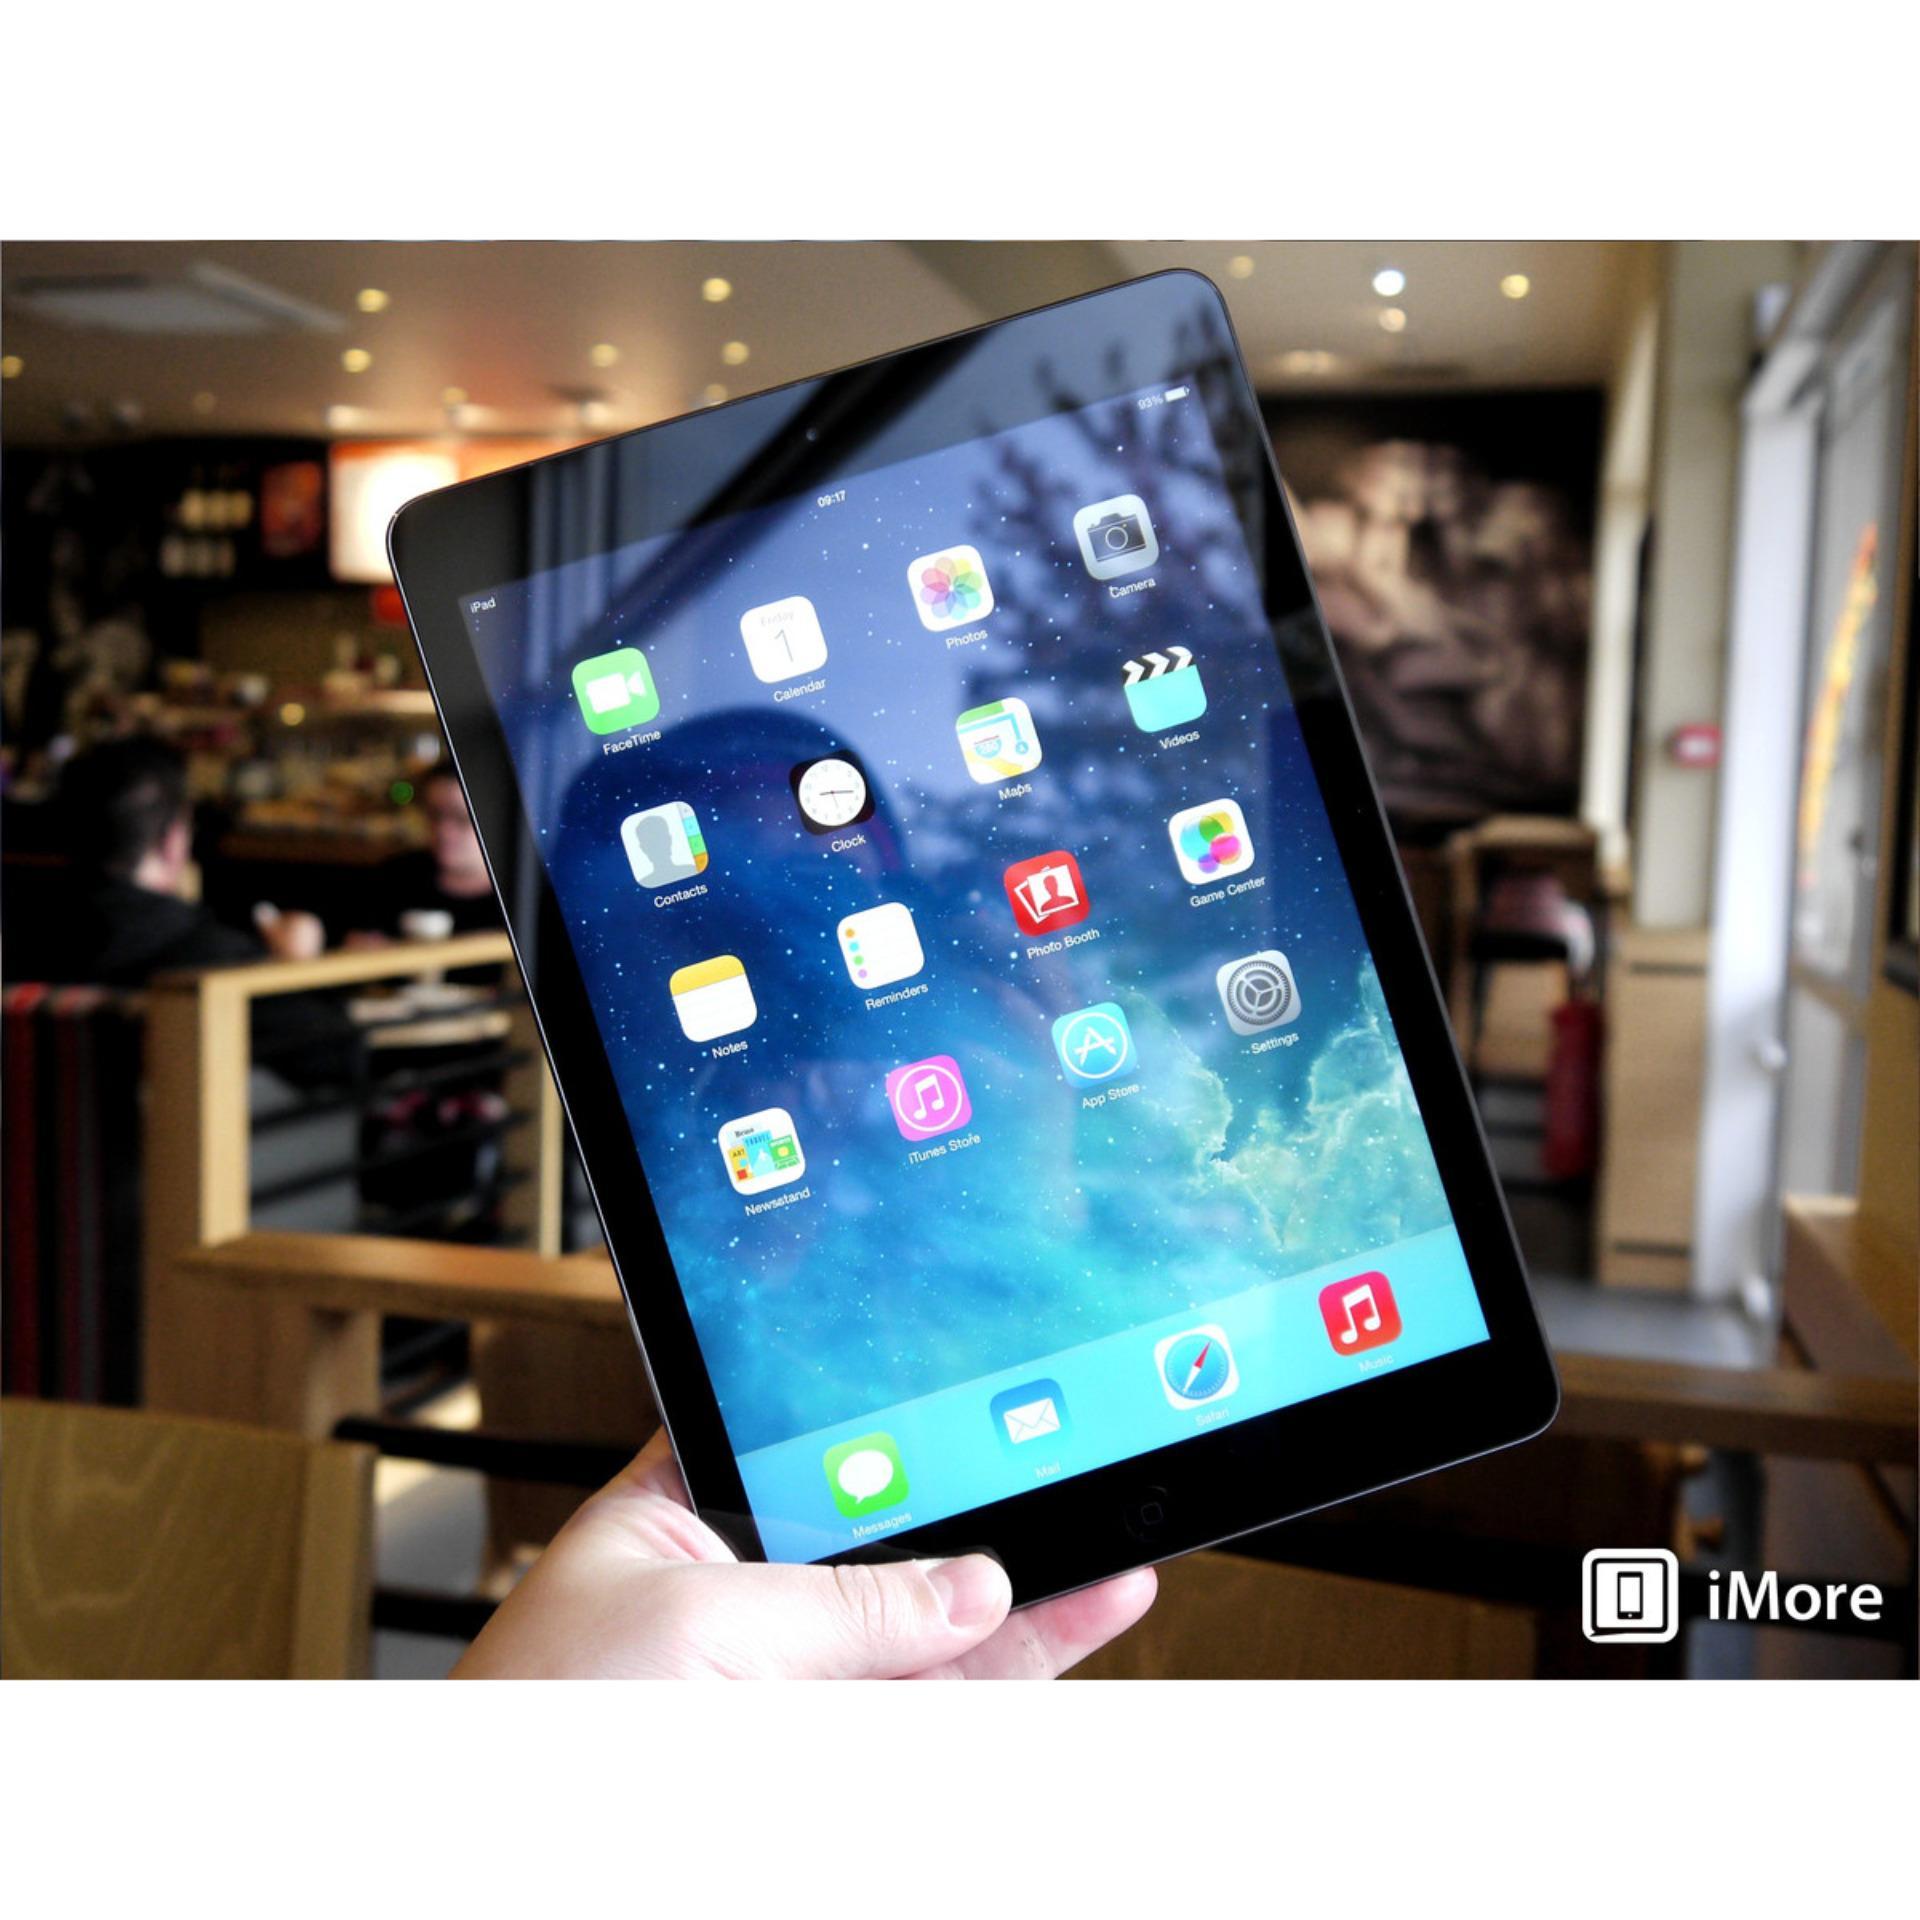 Apple iPad Mini 4 WiFi+Cell Space Grey - 128GB - RAM .